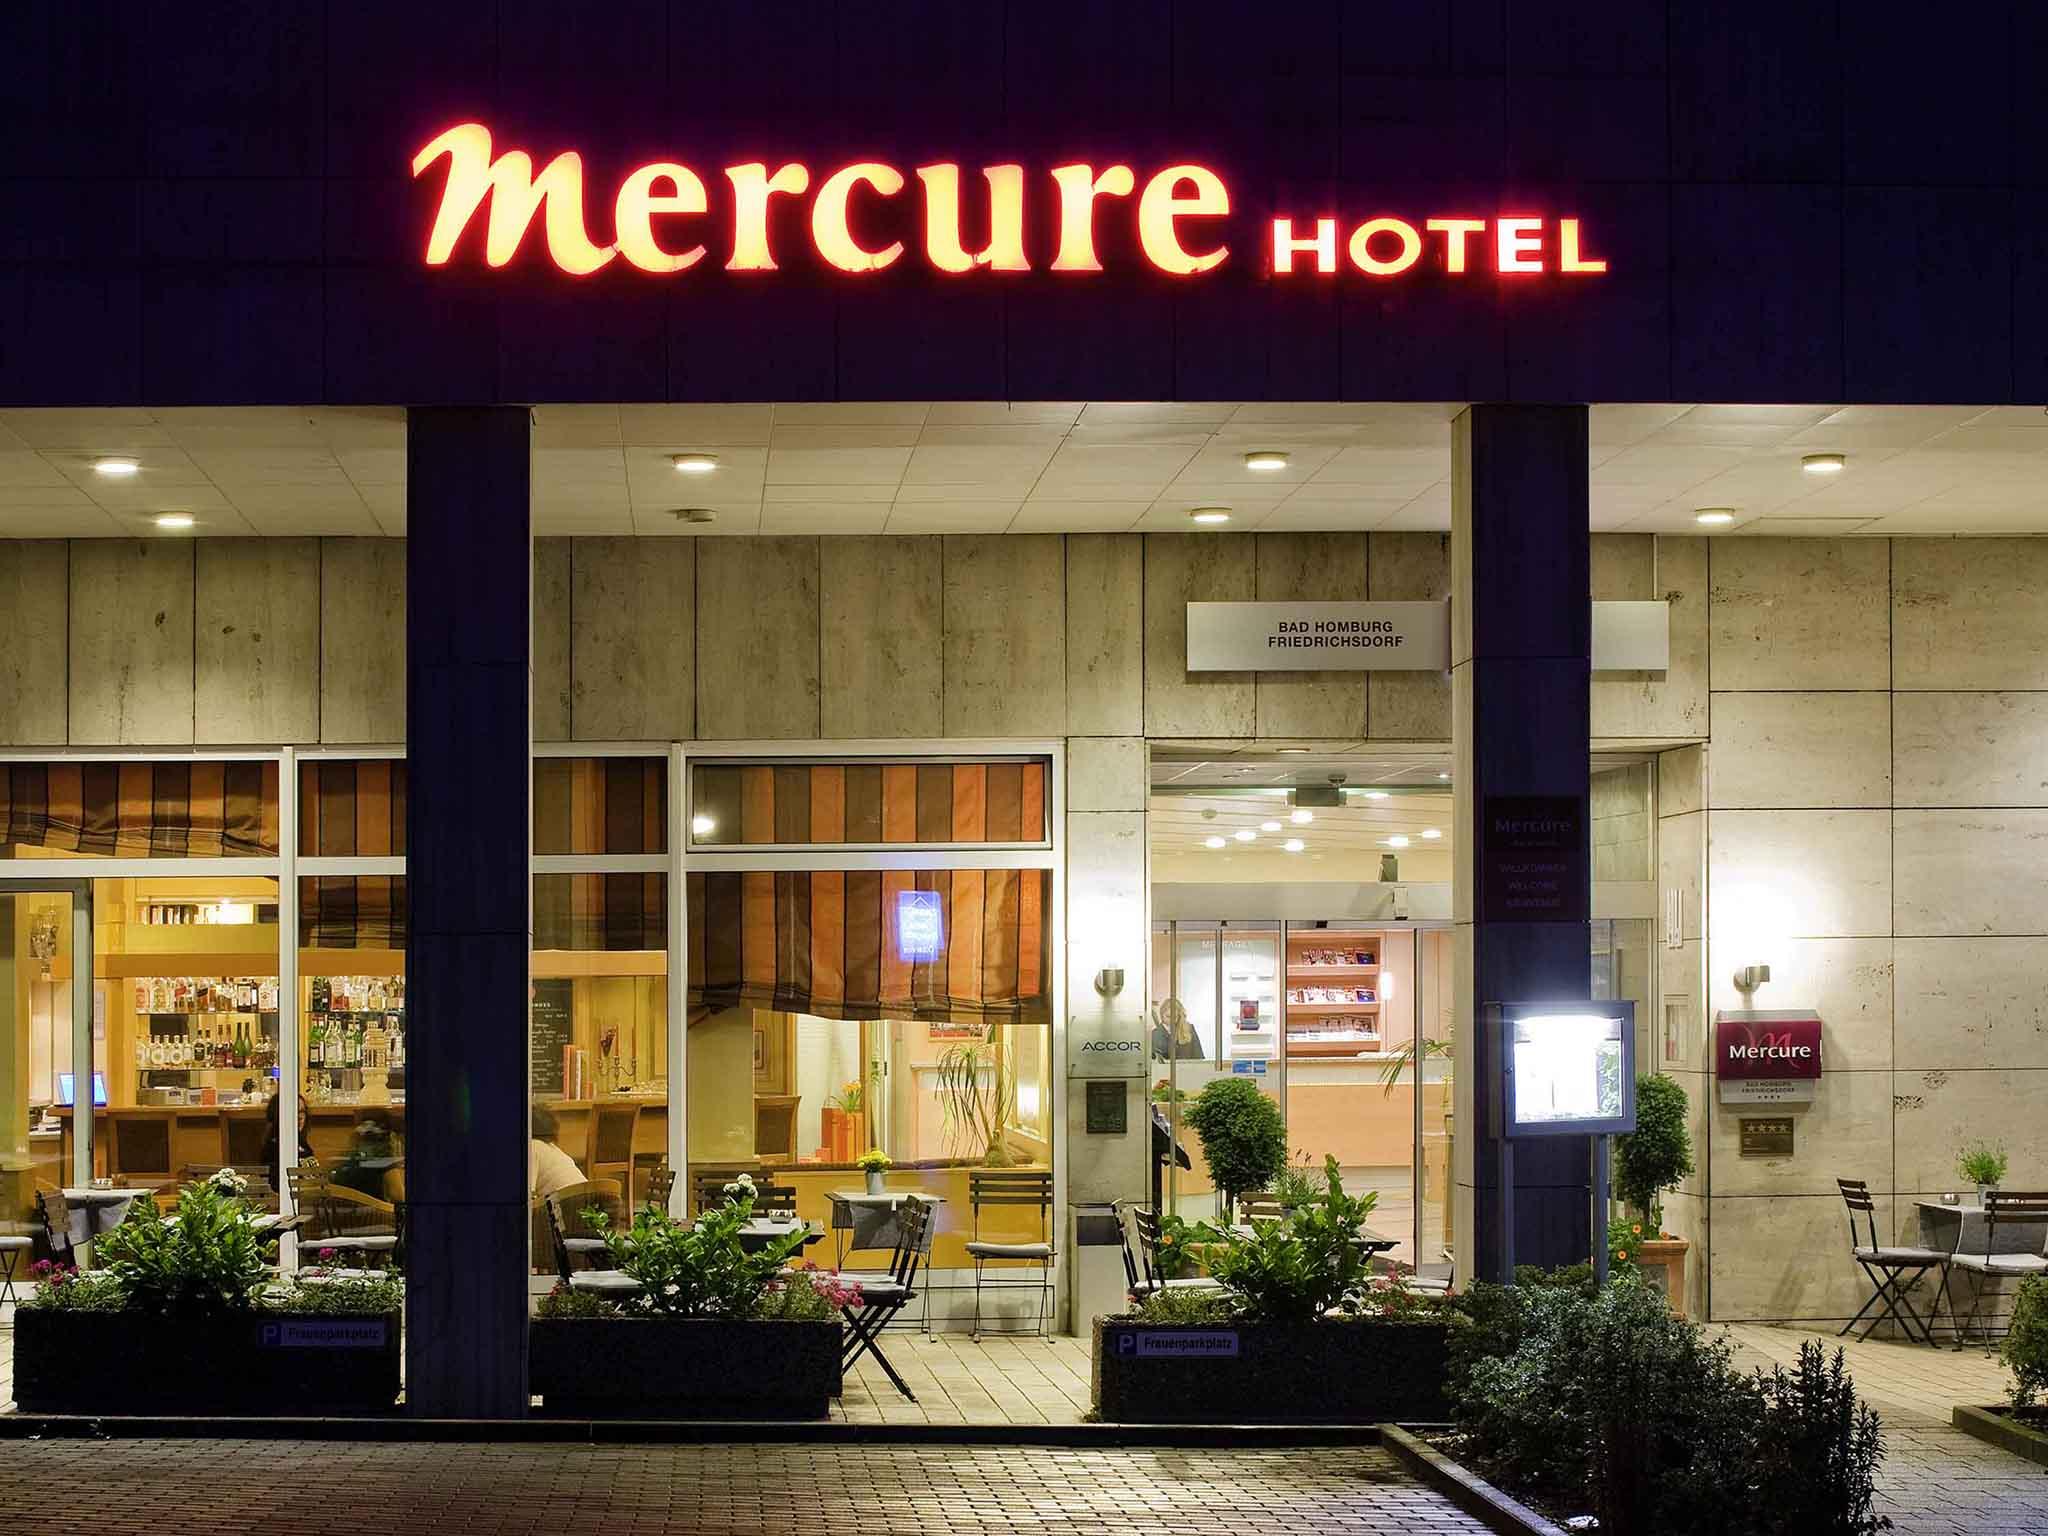 Hotell – Mercure Hotel Bad Homburg Friedrichsdorf